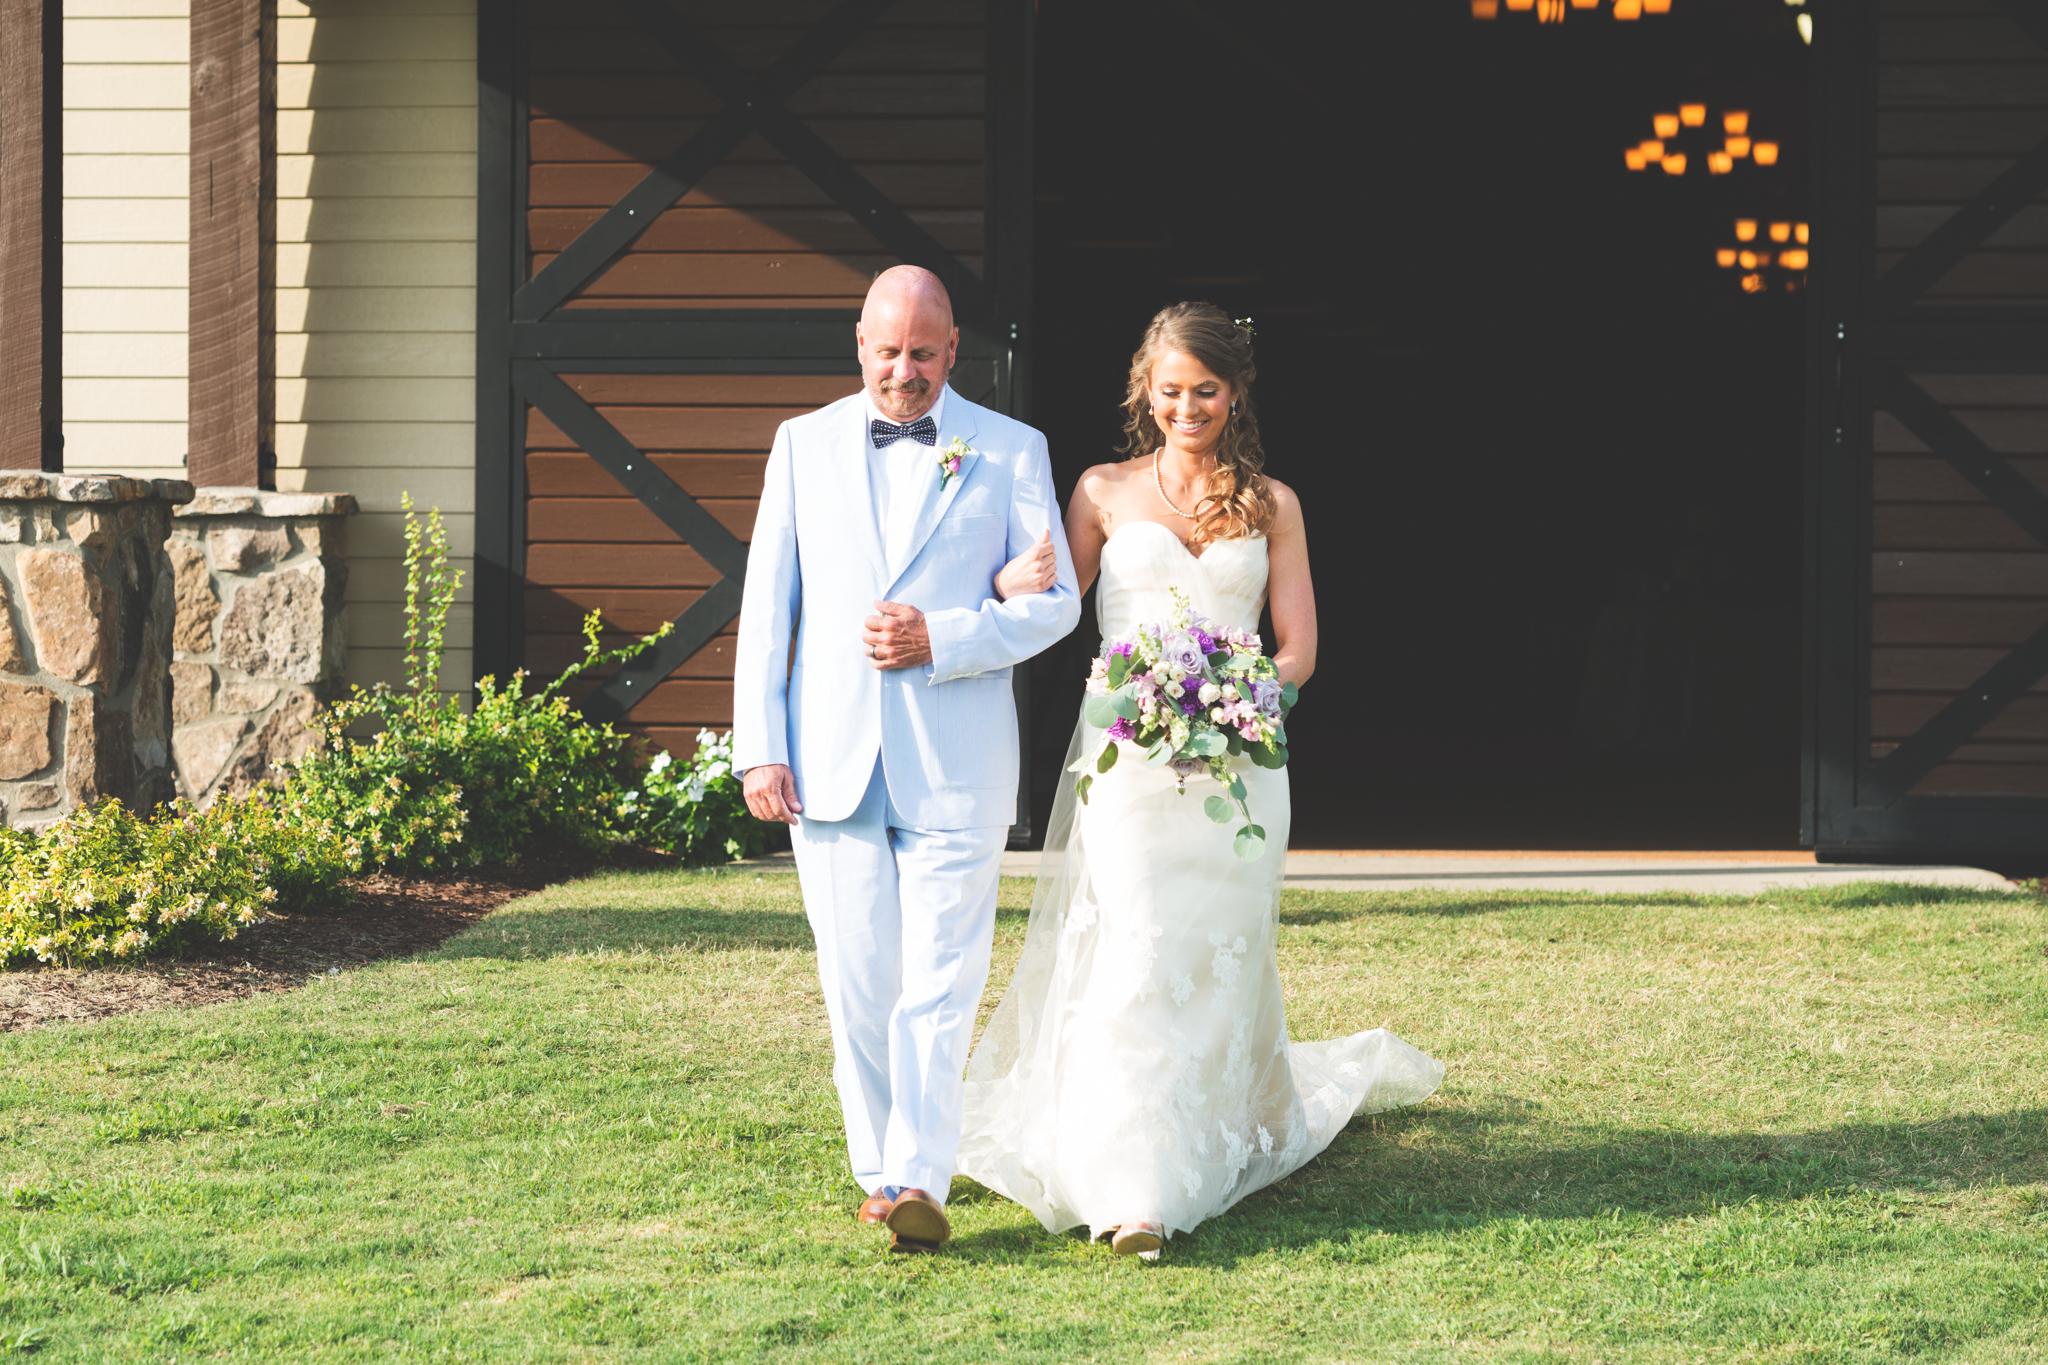 Wedding_Kyle&TaylorGilseth_Blog-78.jpg